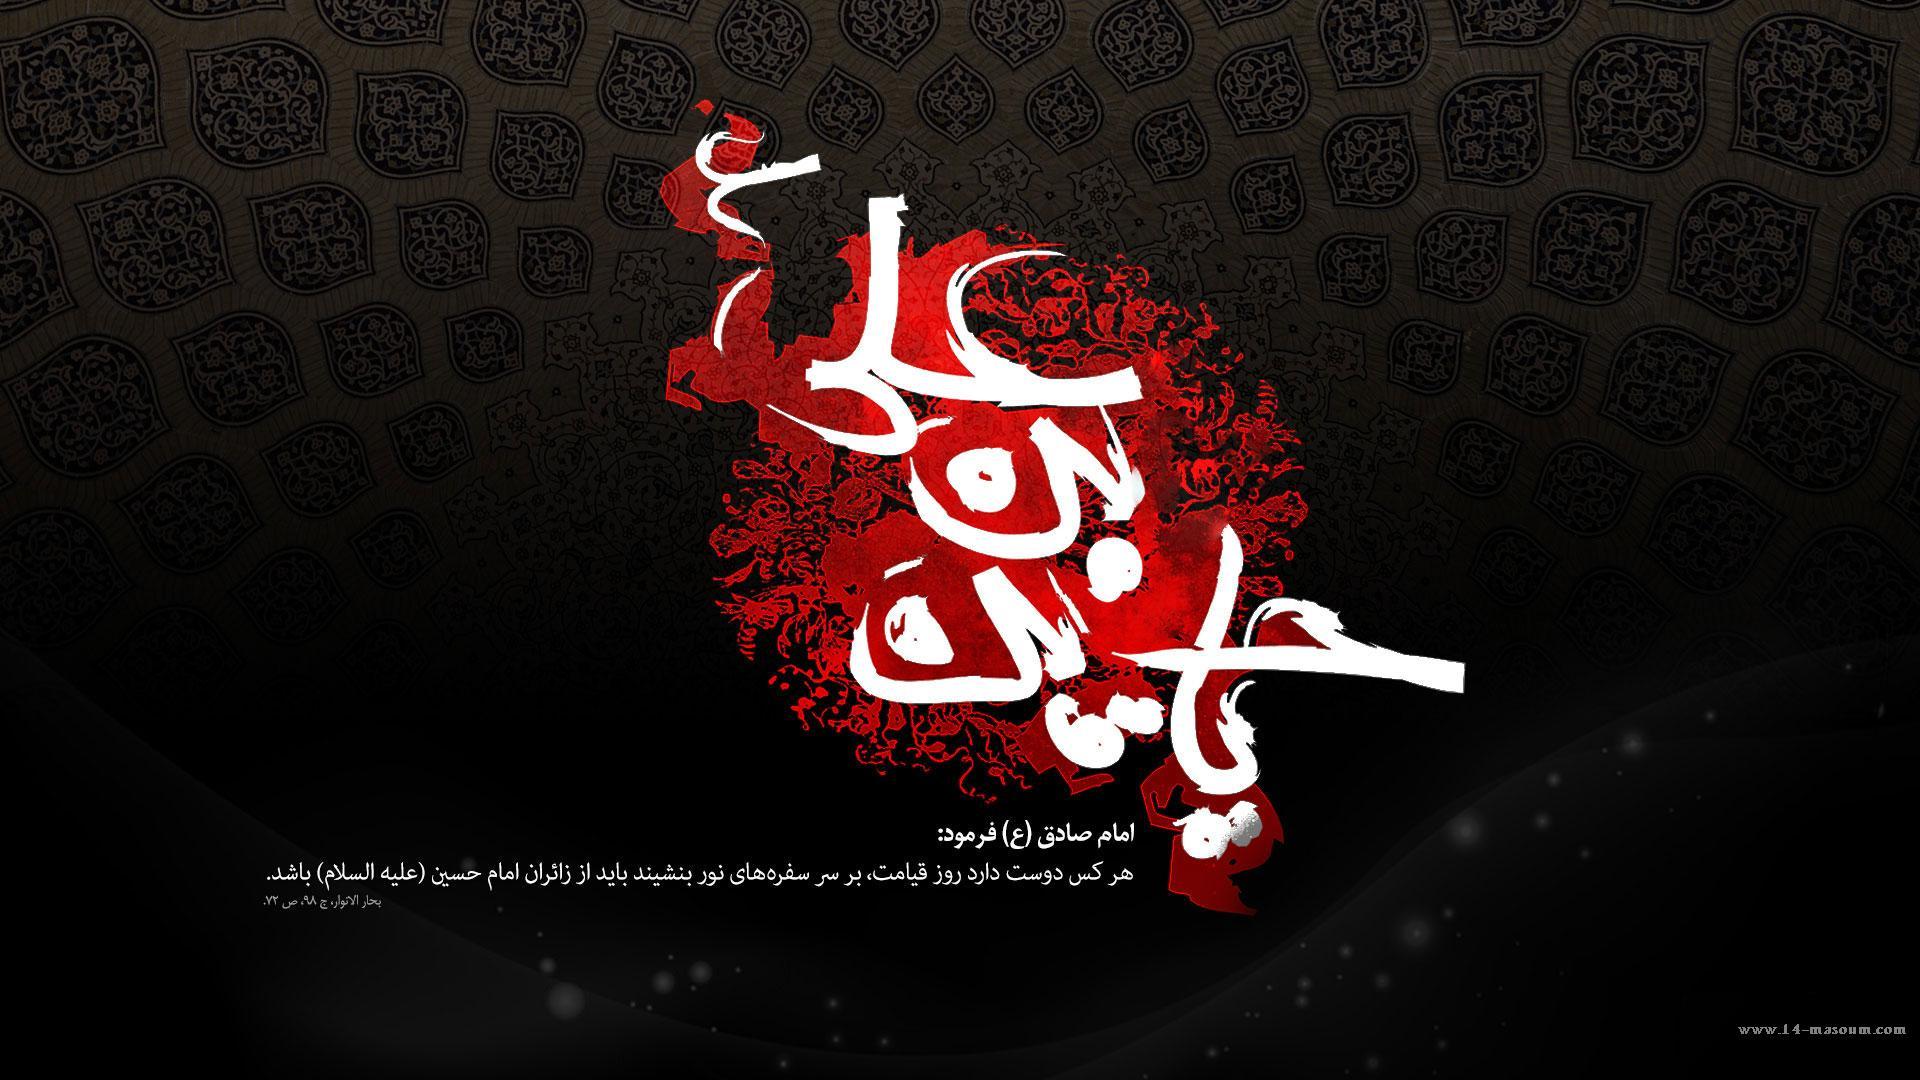 مجموعه پوستر به مناسبت اربعین حسینی